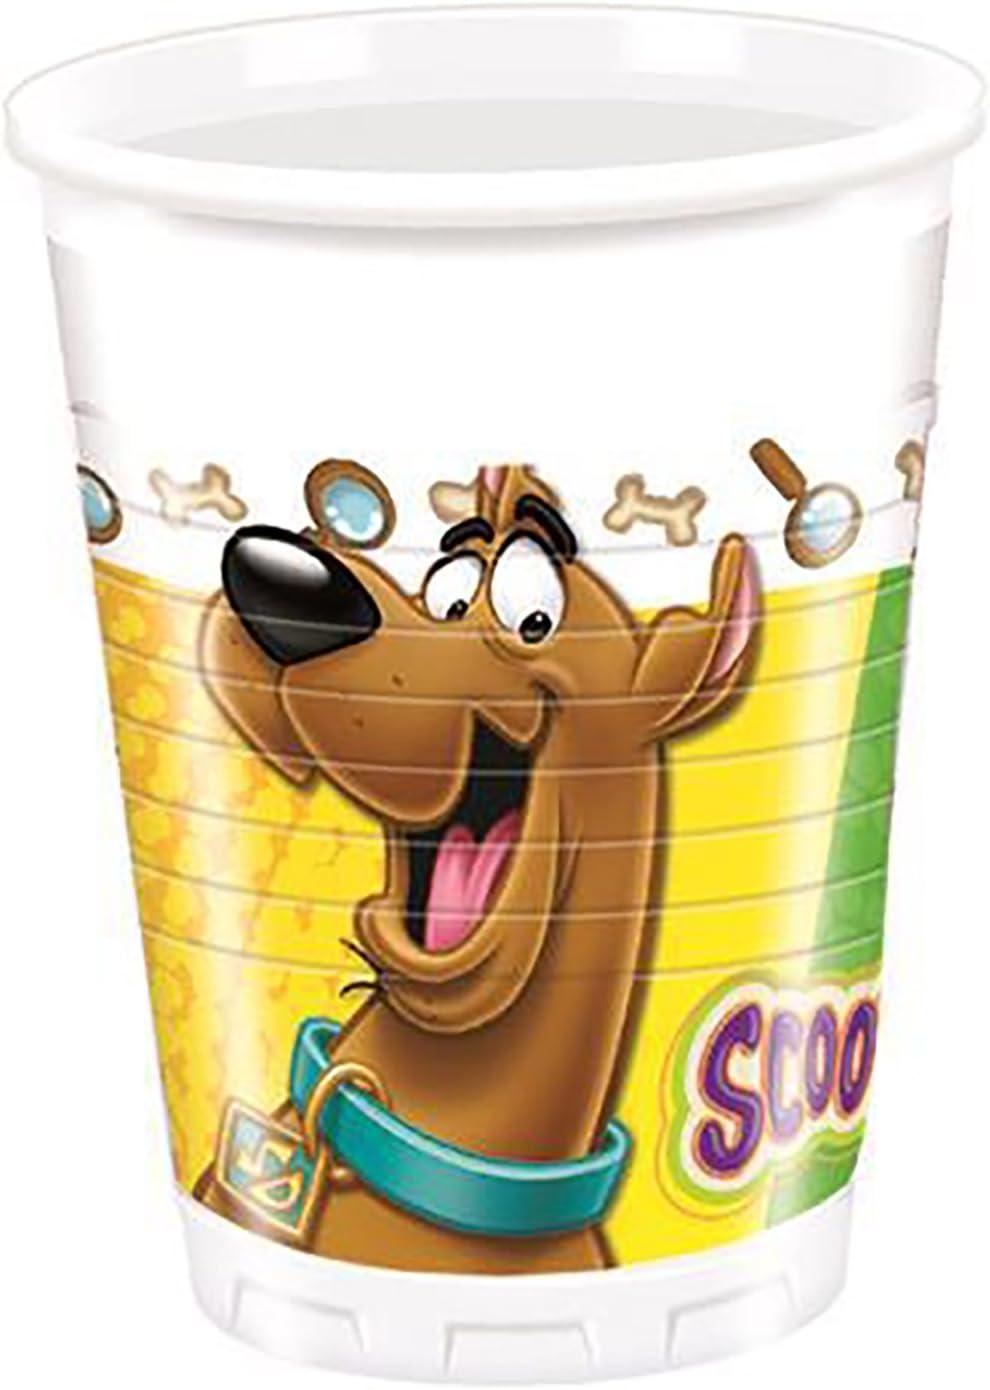 Scooby Doo Cups